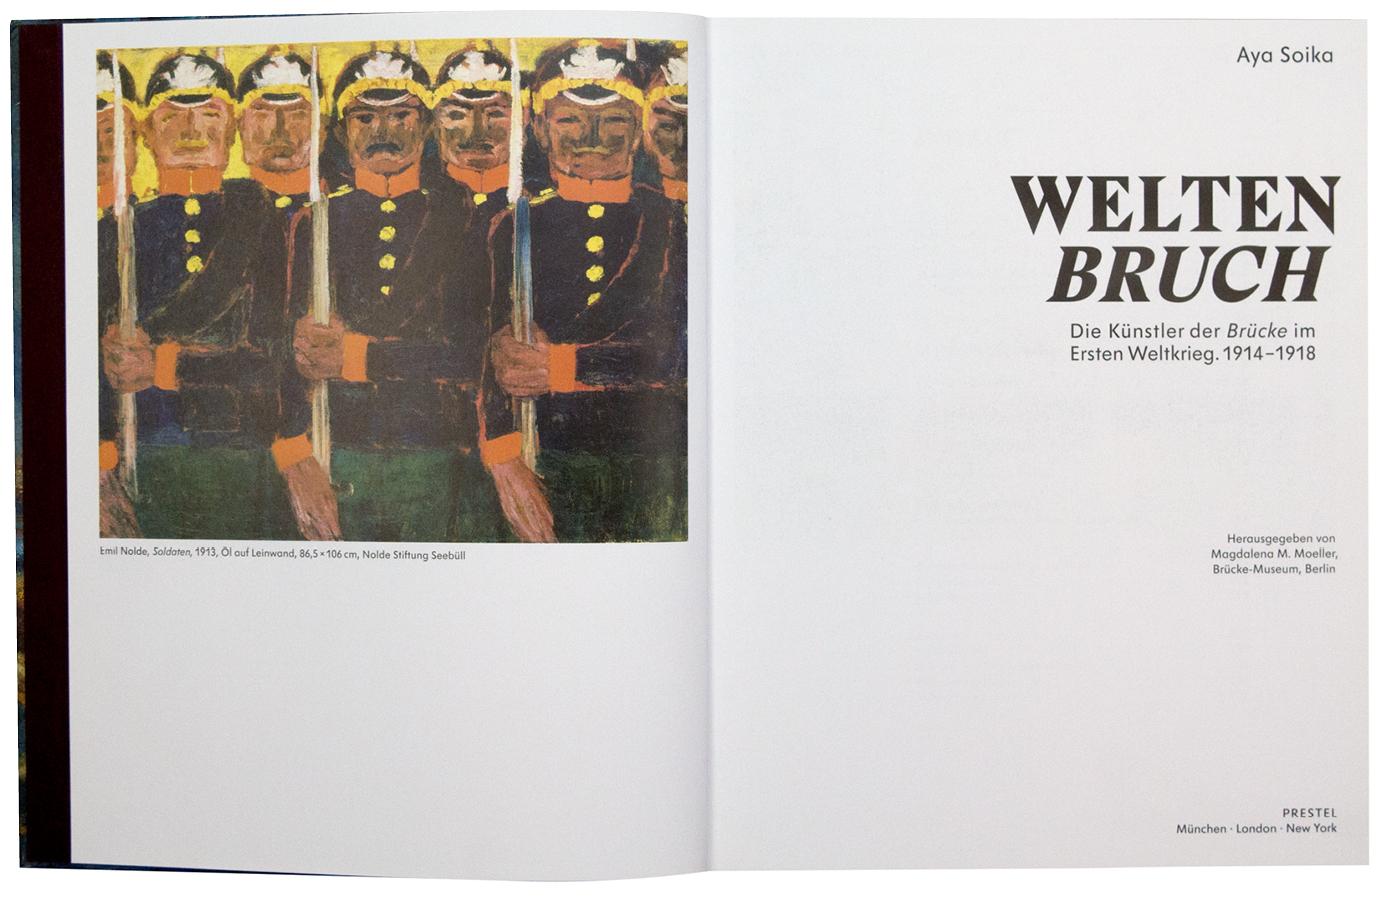 http://e-o-t.de/wordpress/wp-content/uploads/2017/06/2014_eot-Weltenbruch-Book-3.jpg